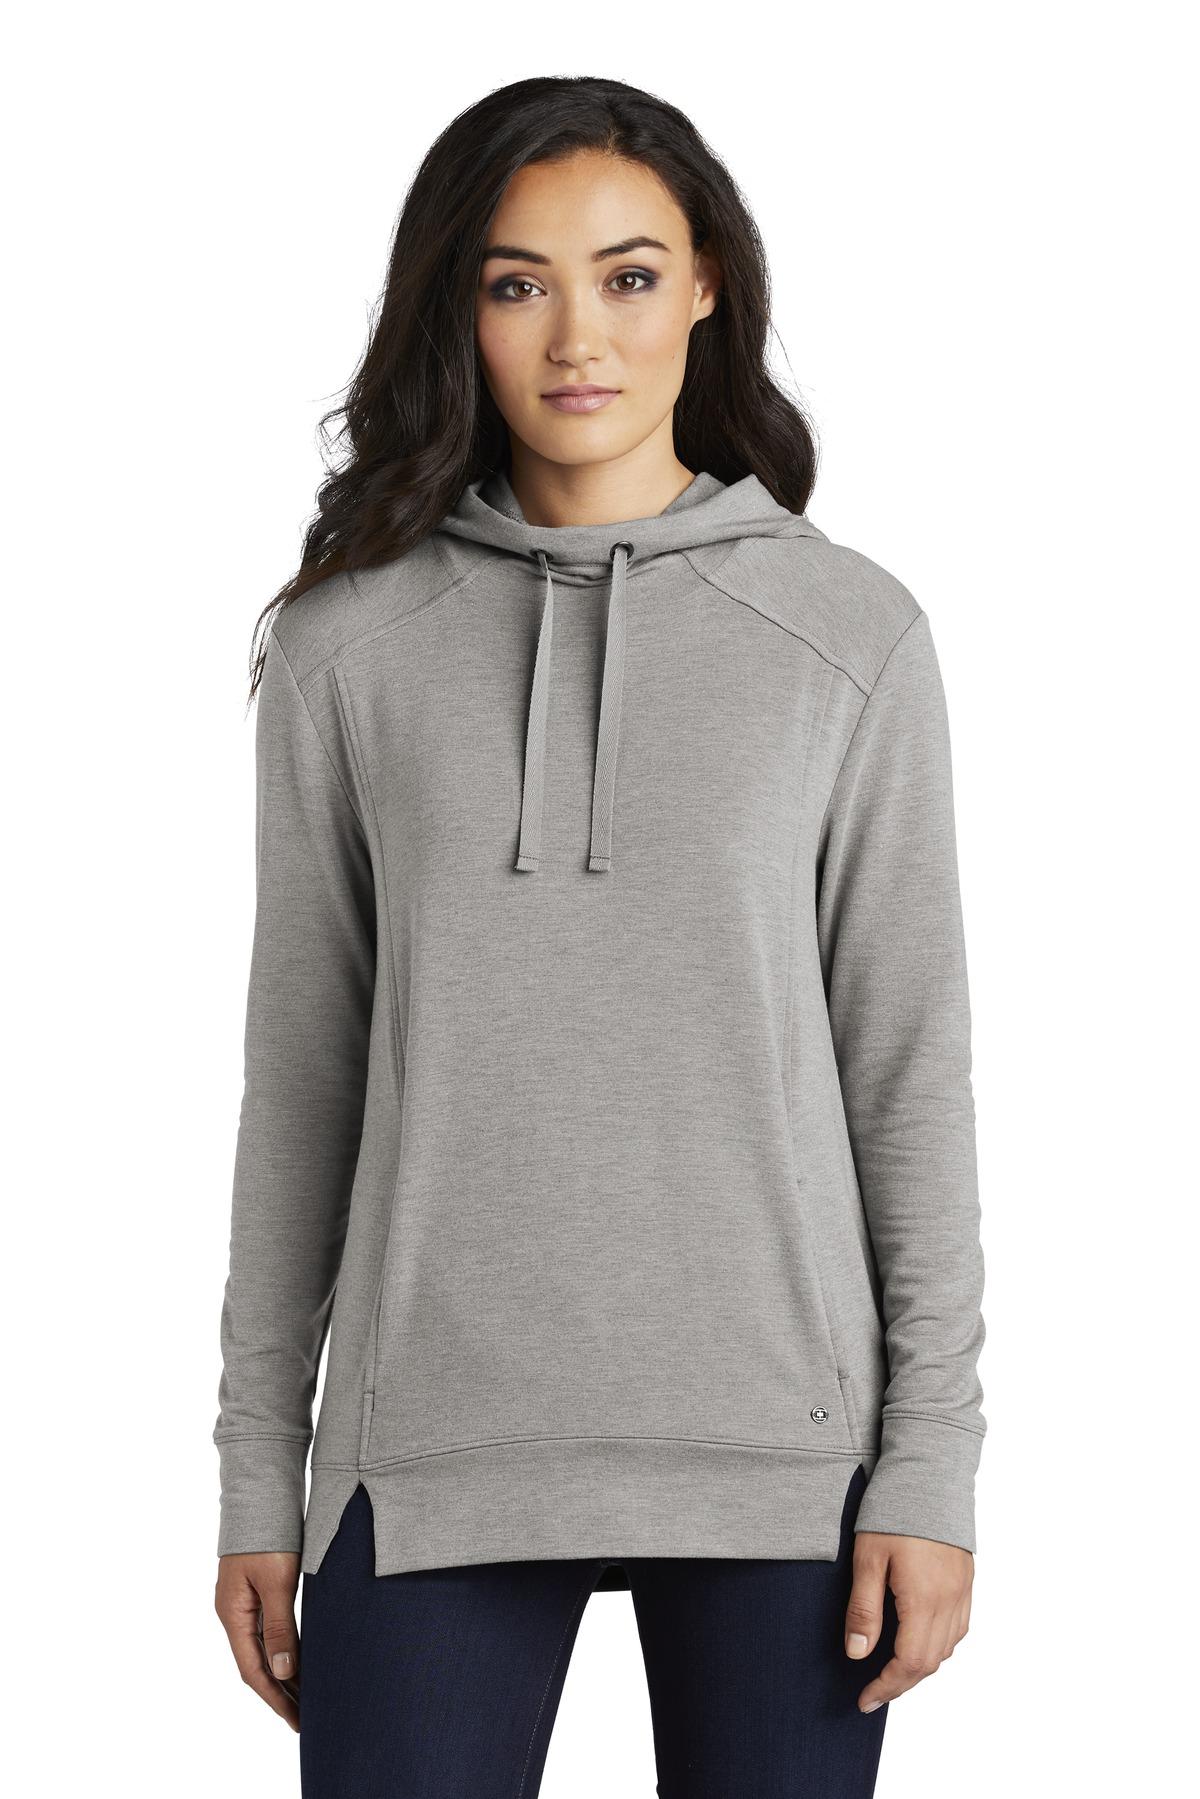 OGIO  Ladies Luuma Pullover Fleece Hoodie. LOG810